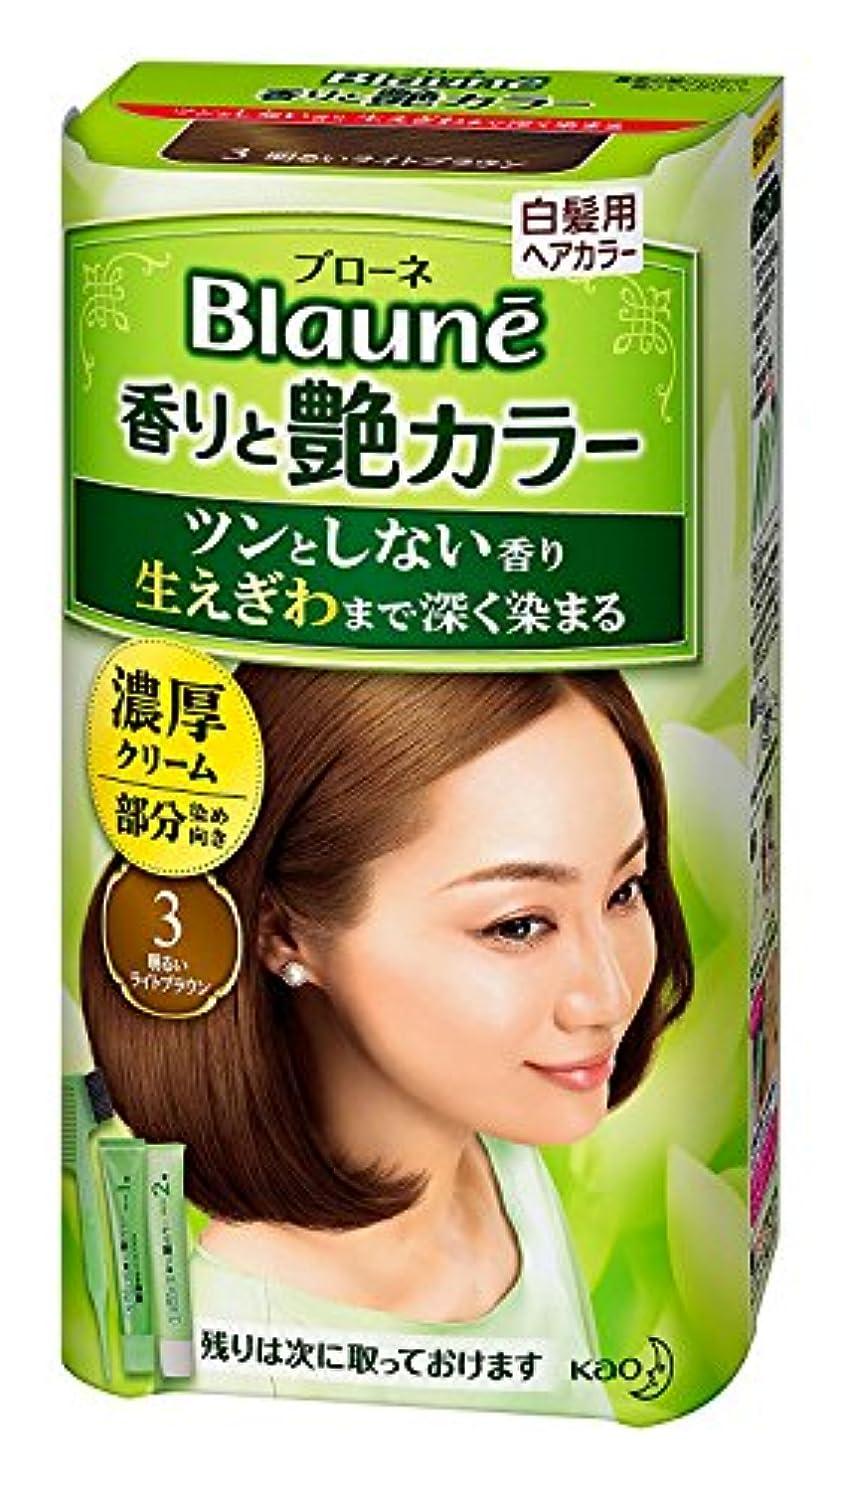 棚チャーミング知覚的ブローネ 香りと艶カラークリーム 3明るいライトブラウン×3個